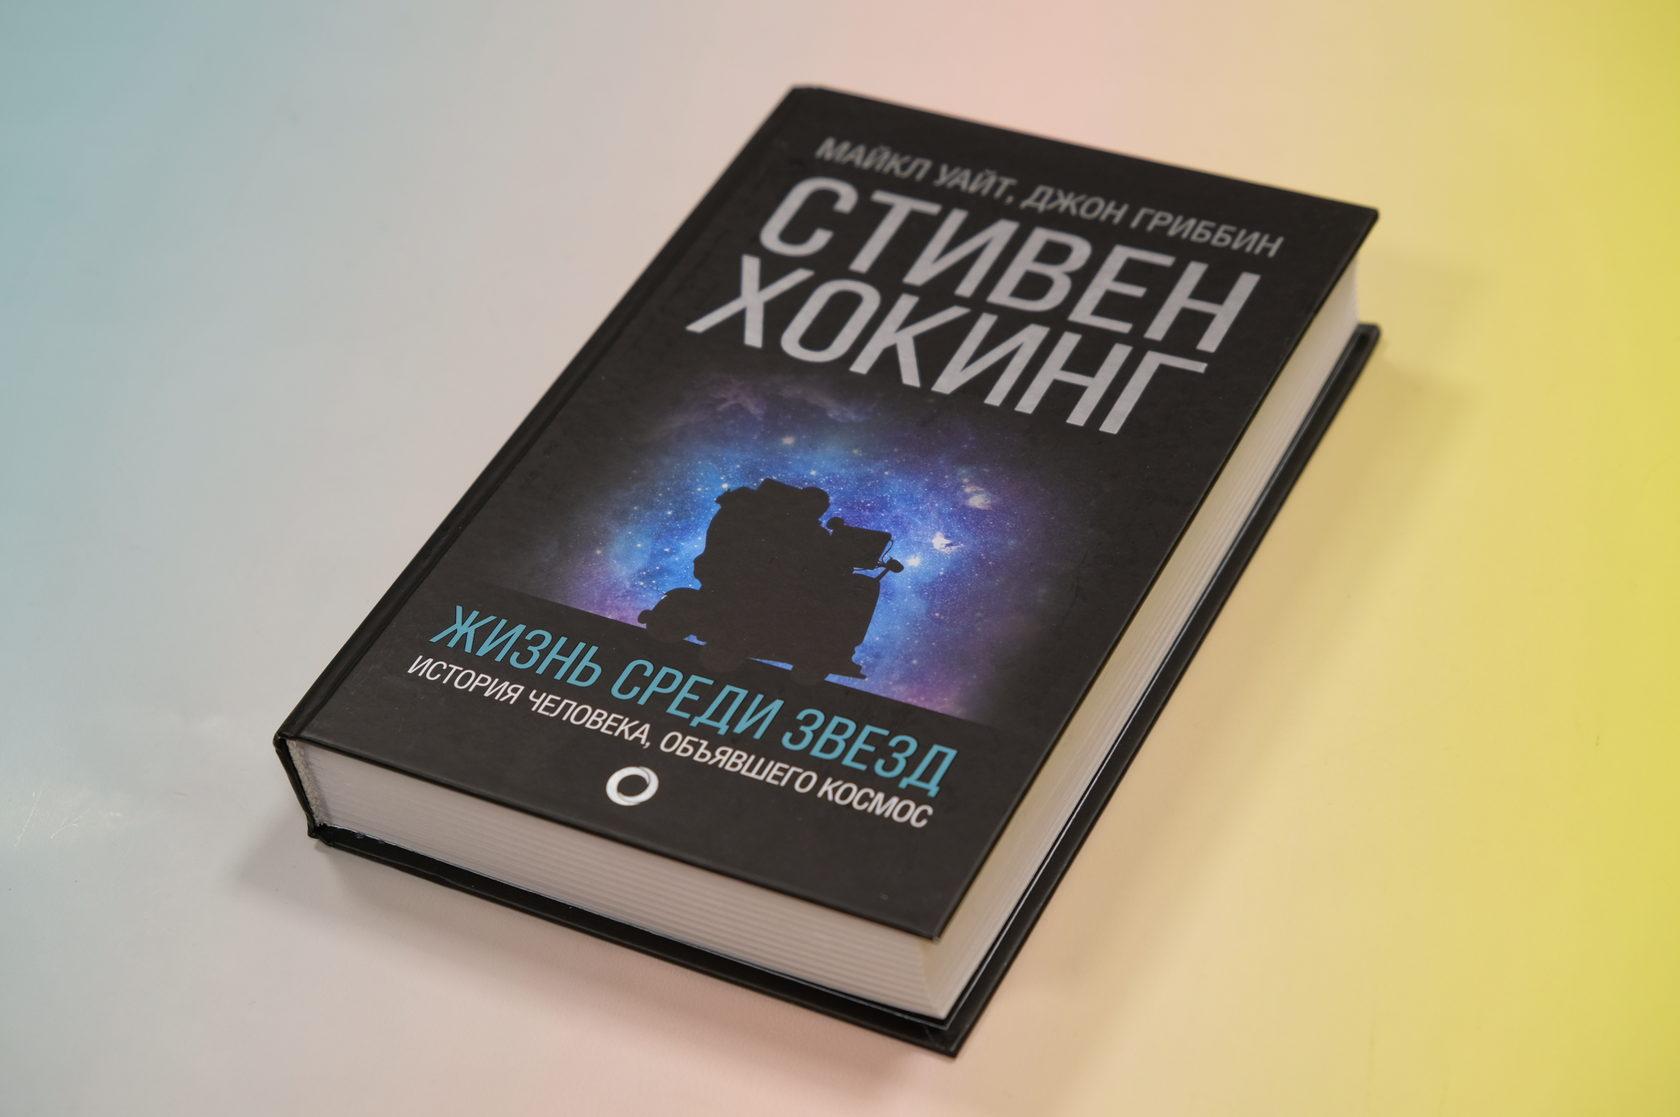 «Стивен Хокинг. Жизнь среди звезд»